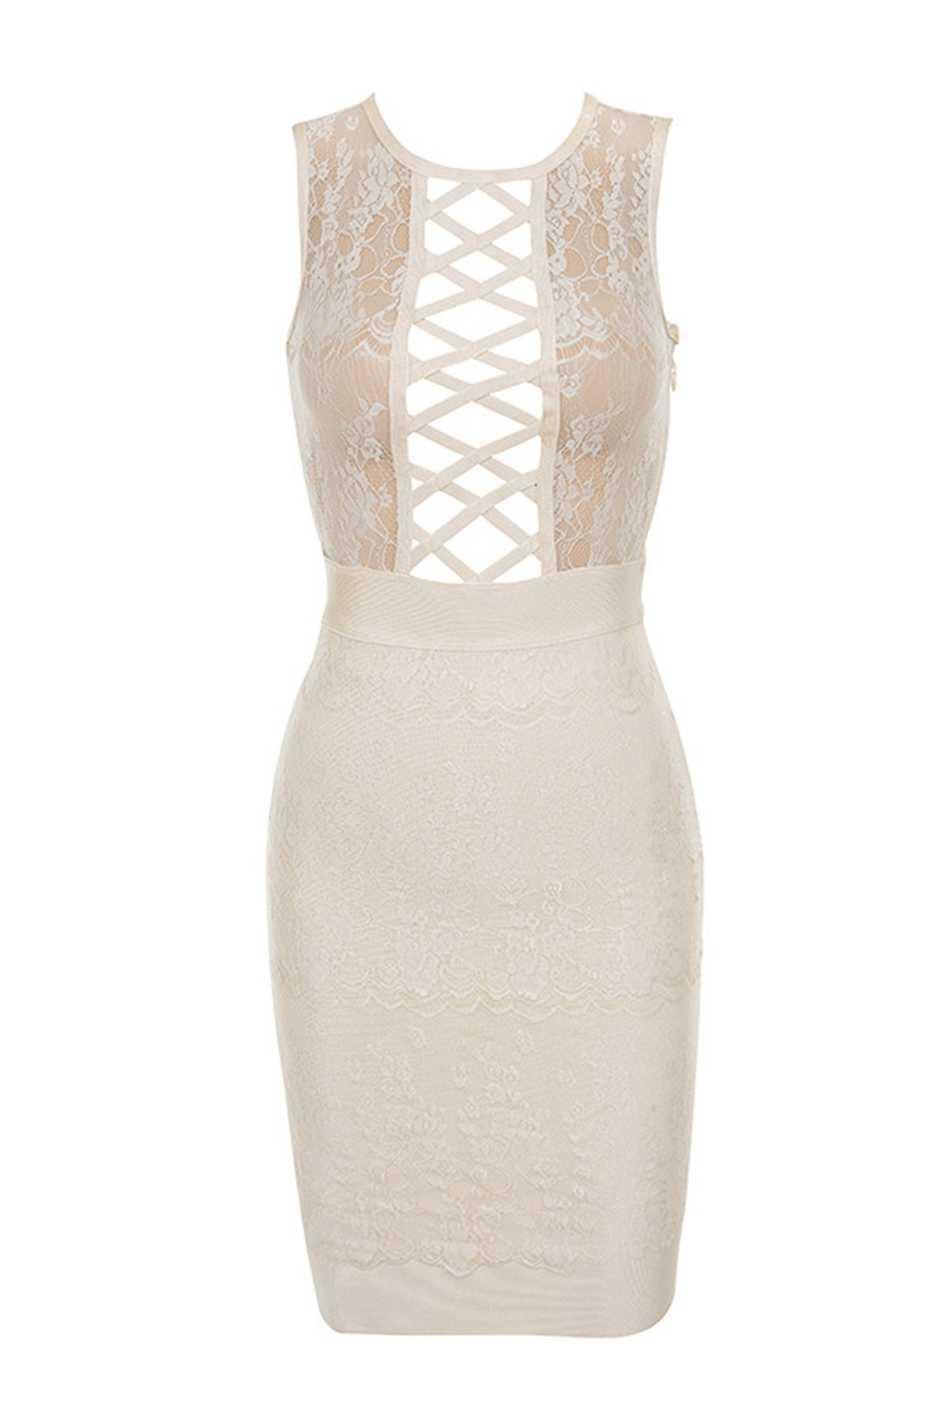 Лето район бинты мини для женщин обтягивающее платье vestidos кружево оболочка без рукавов спереди на шнуровке для знаменитости вечерние Night Out